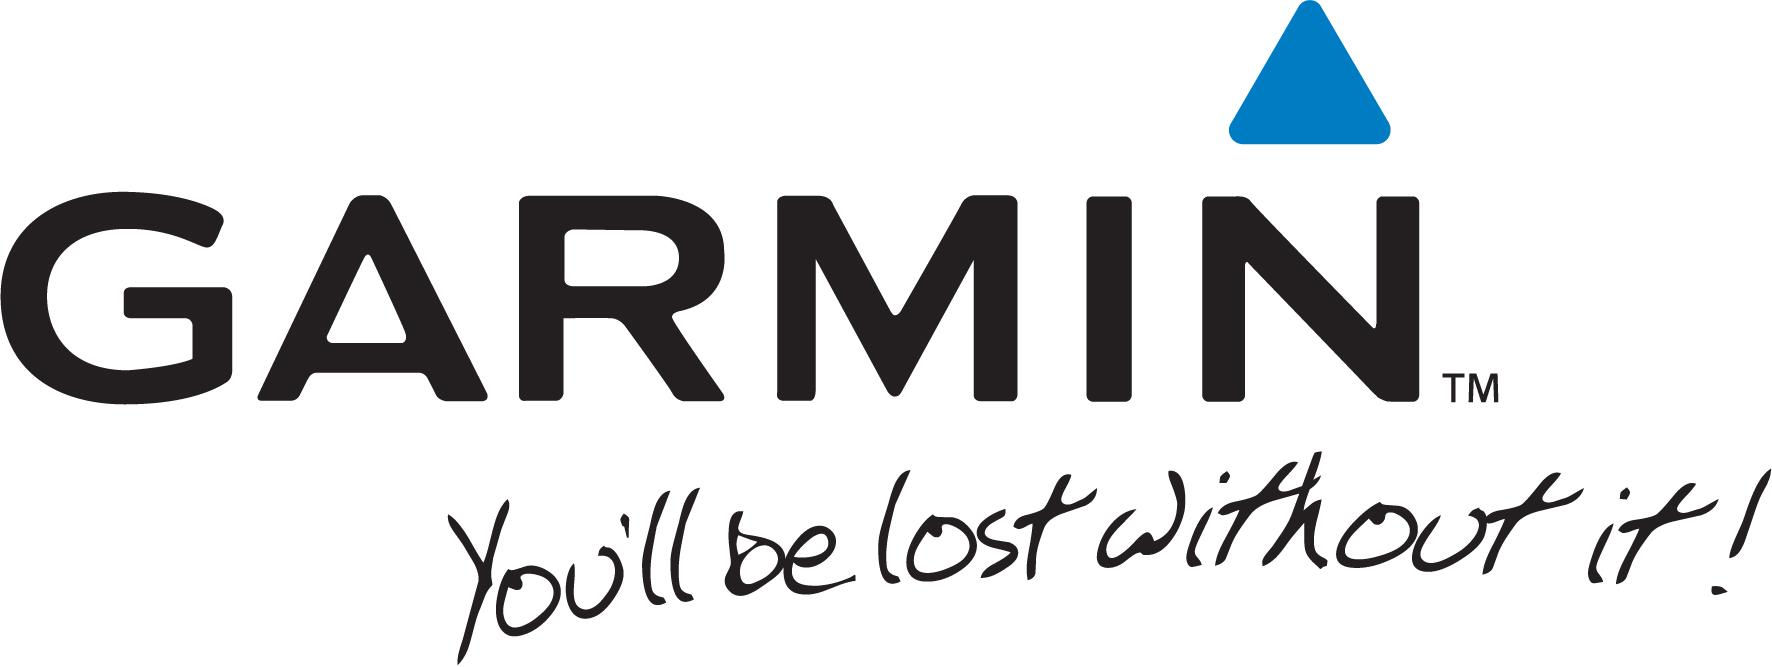 garmin3 - Garmin Astro